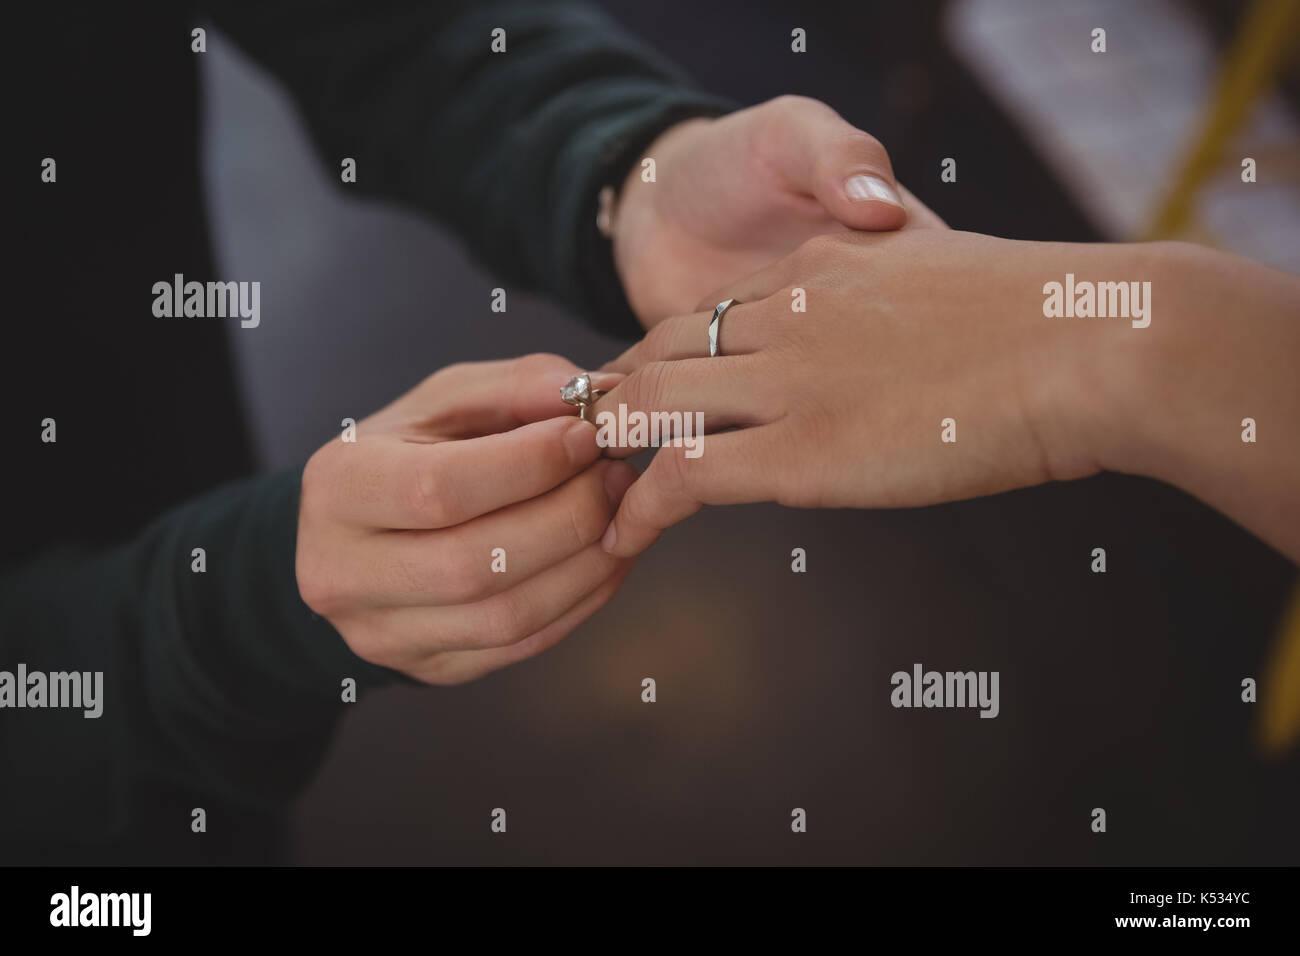 Imagen recortada del hombre colocando el anillo en el dedo de la mujer en el café Imagen De Stock